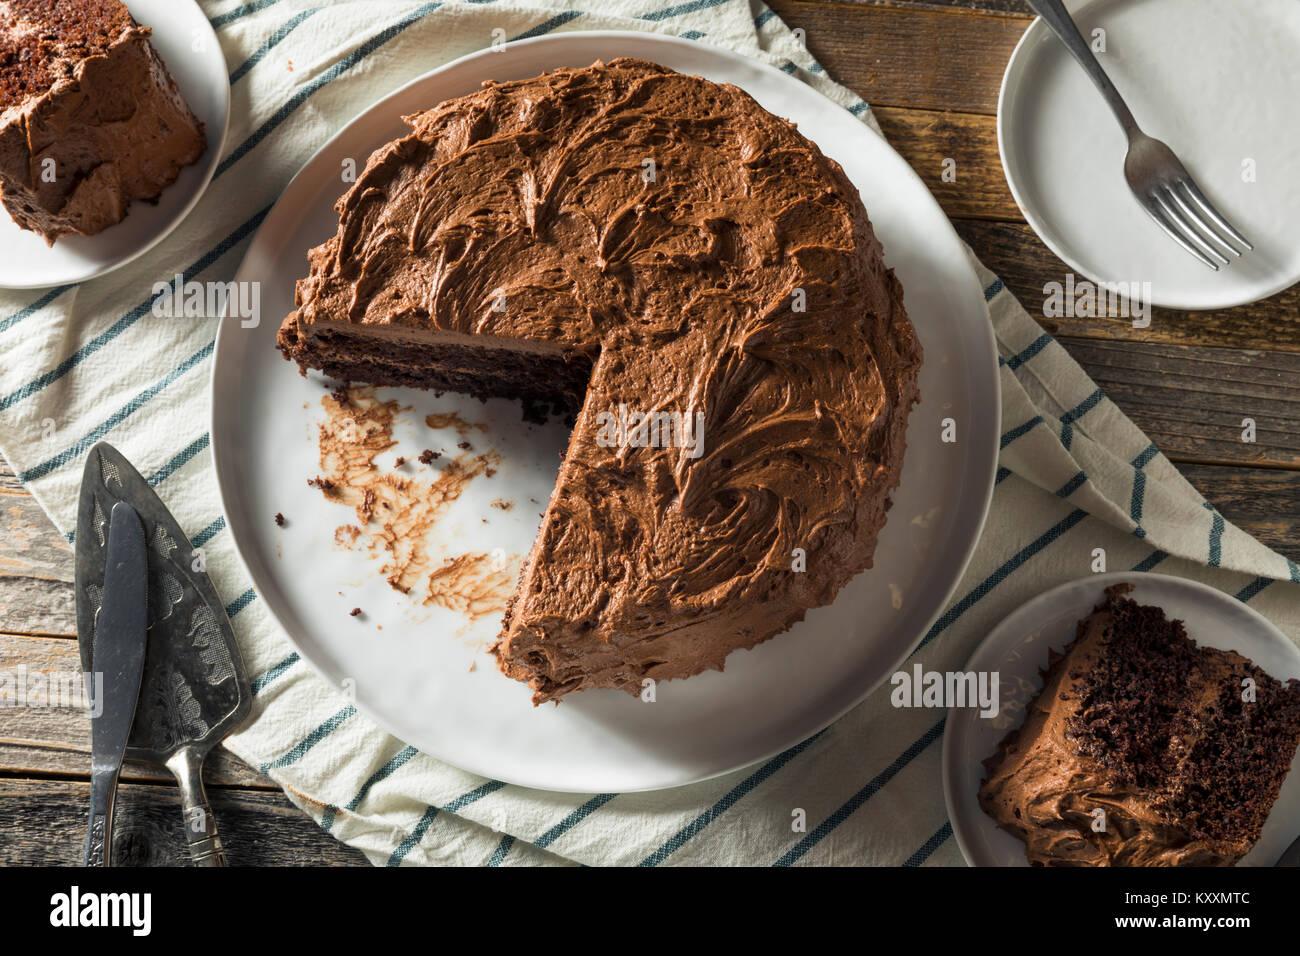 Süße Hausgemachte dunkle Schokolade Schicht Kuchen zum Nachtisch Stockbild